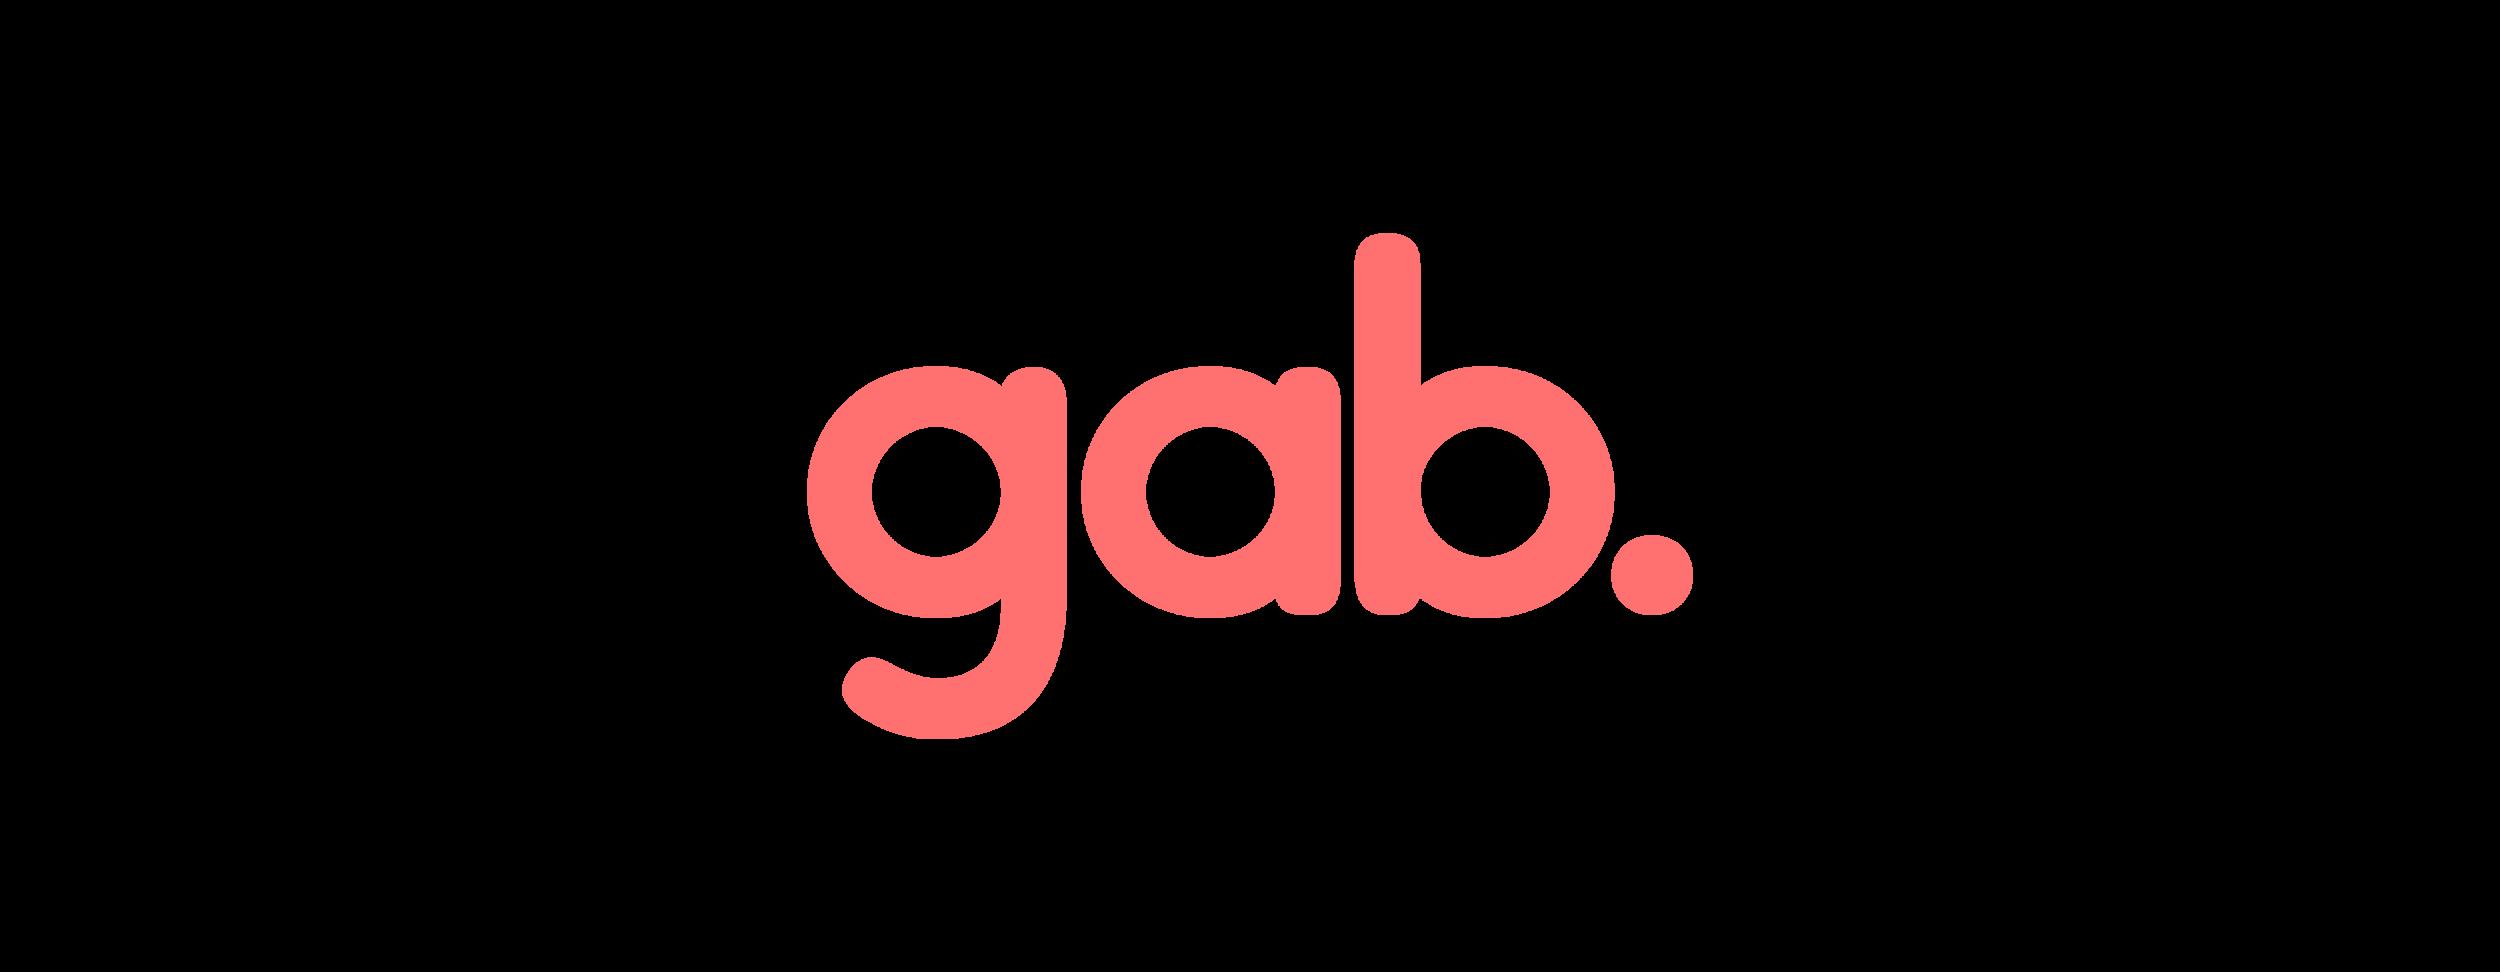 gab logo.png